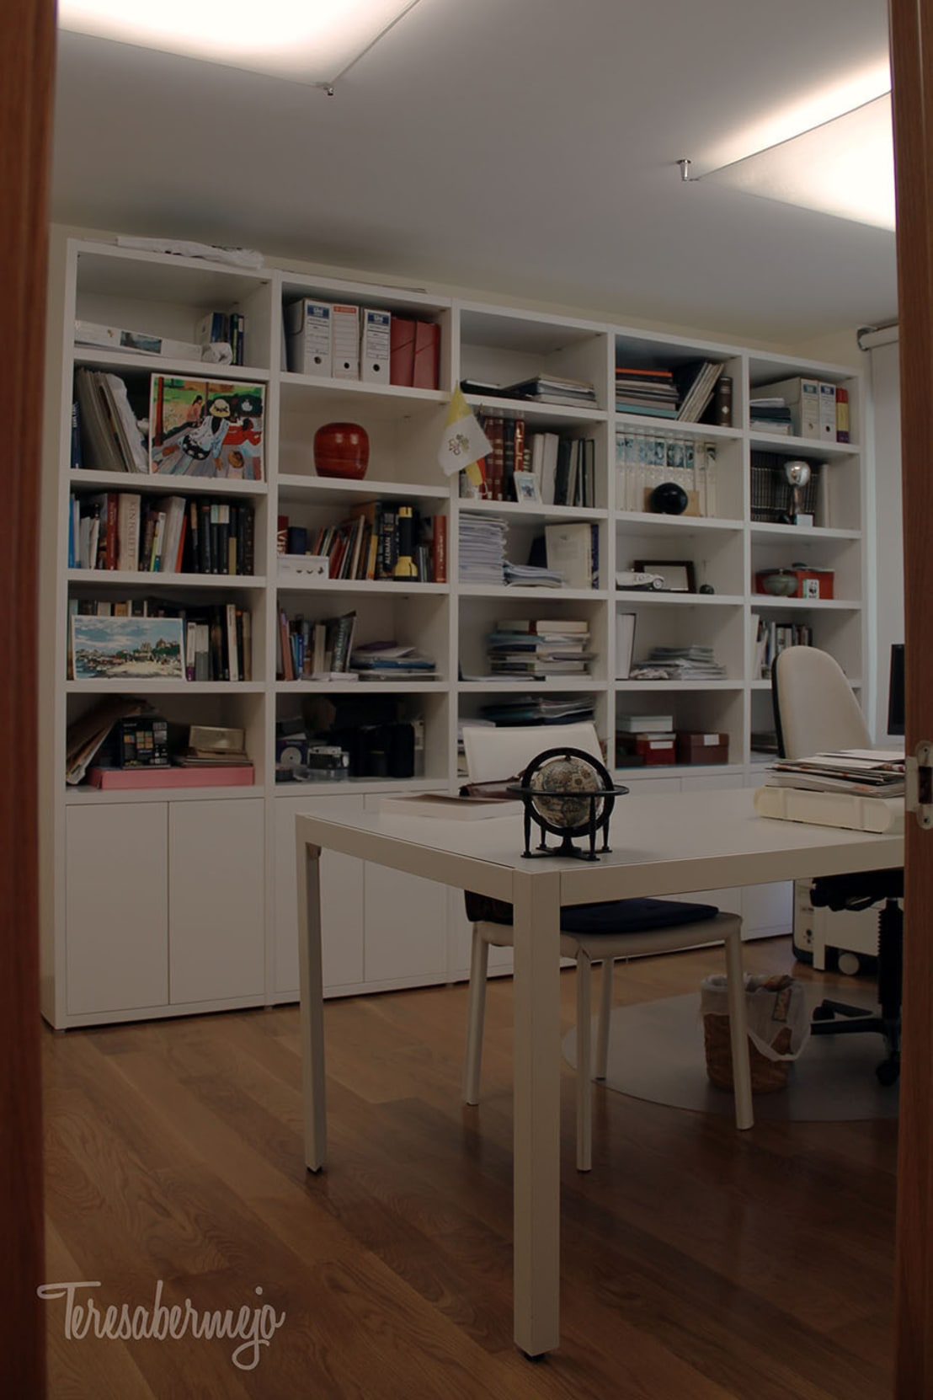 Dise adora de interiores decoradora y home stager el despacho de pablo y graciela homify - Disenadora de interiores ...